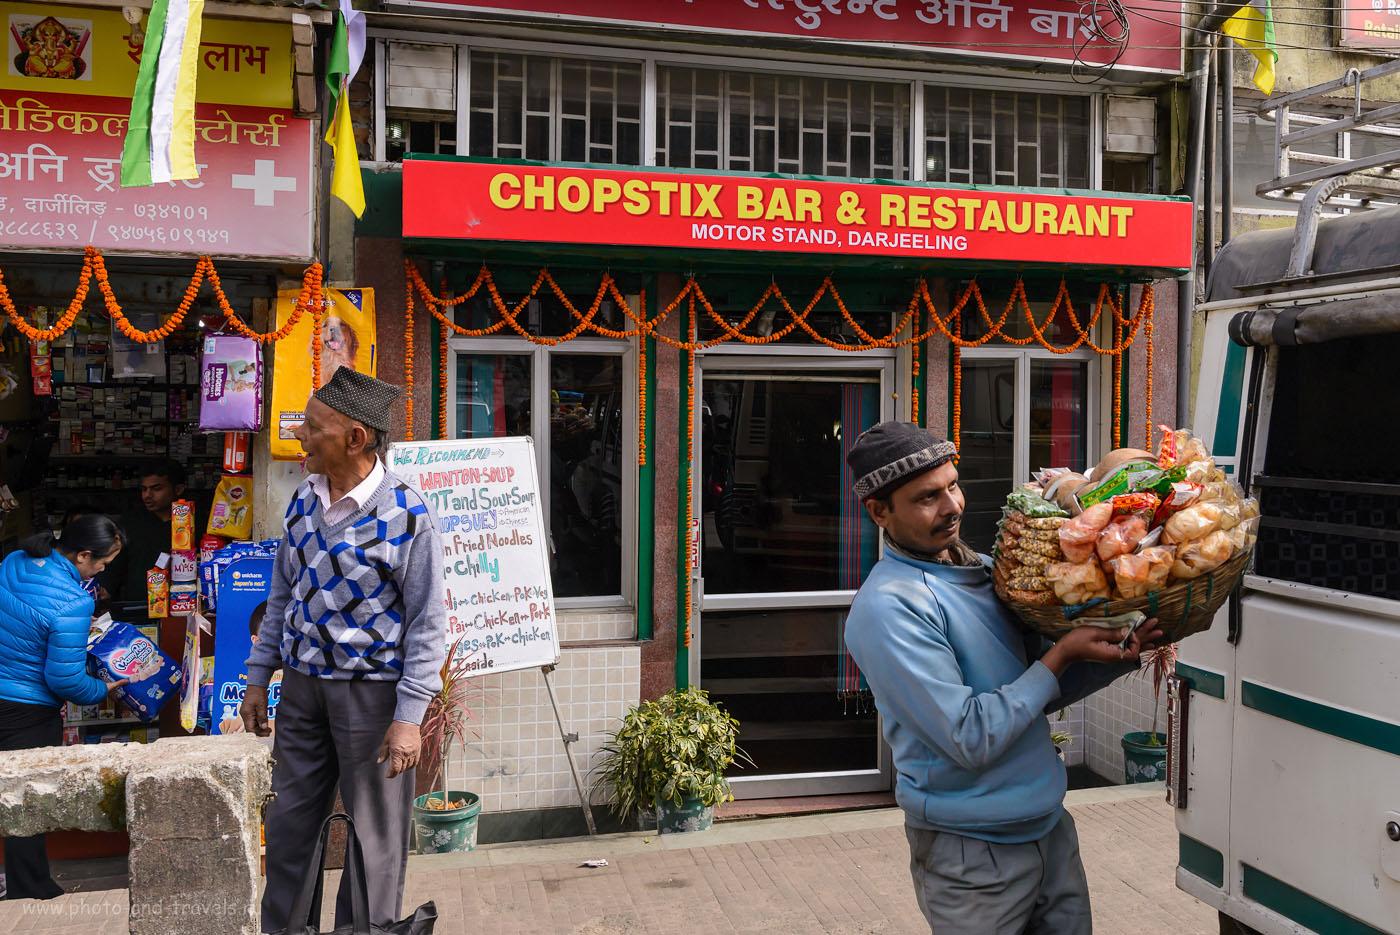 """Фото 14. Где поесть в Дарджилинге? Отправляйтесь в ресторан """"Chopstix Bar & Restaurant"""", расположенный напротив NJP Stand (прямо в здании, на крыше которого находится стоянка джипов на Гангток – Gangtok Stand). 1/320, 0.67, 9.0, 200, 29."""